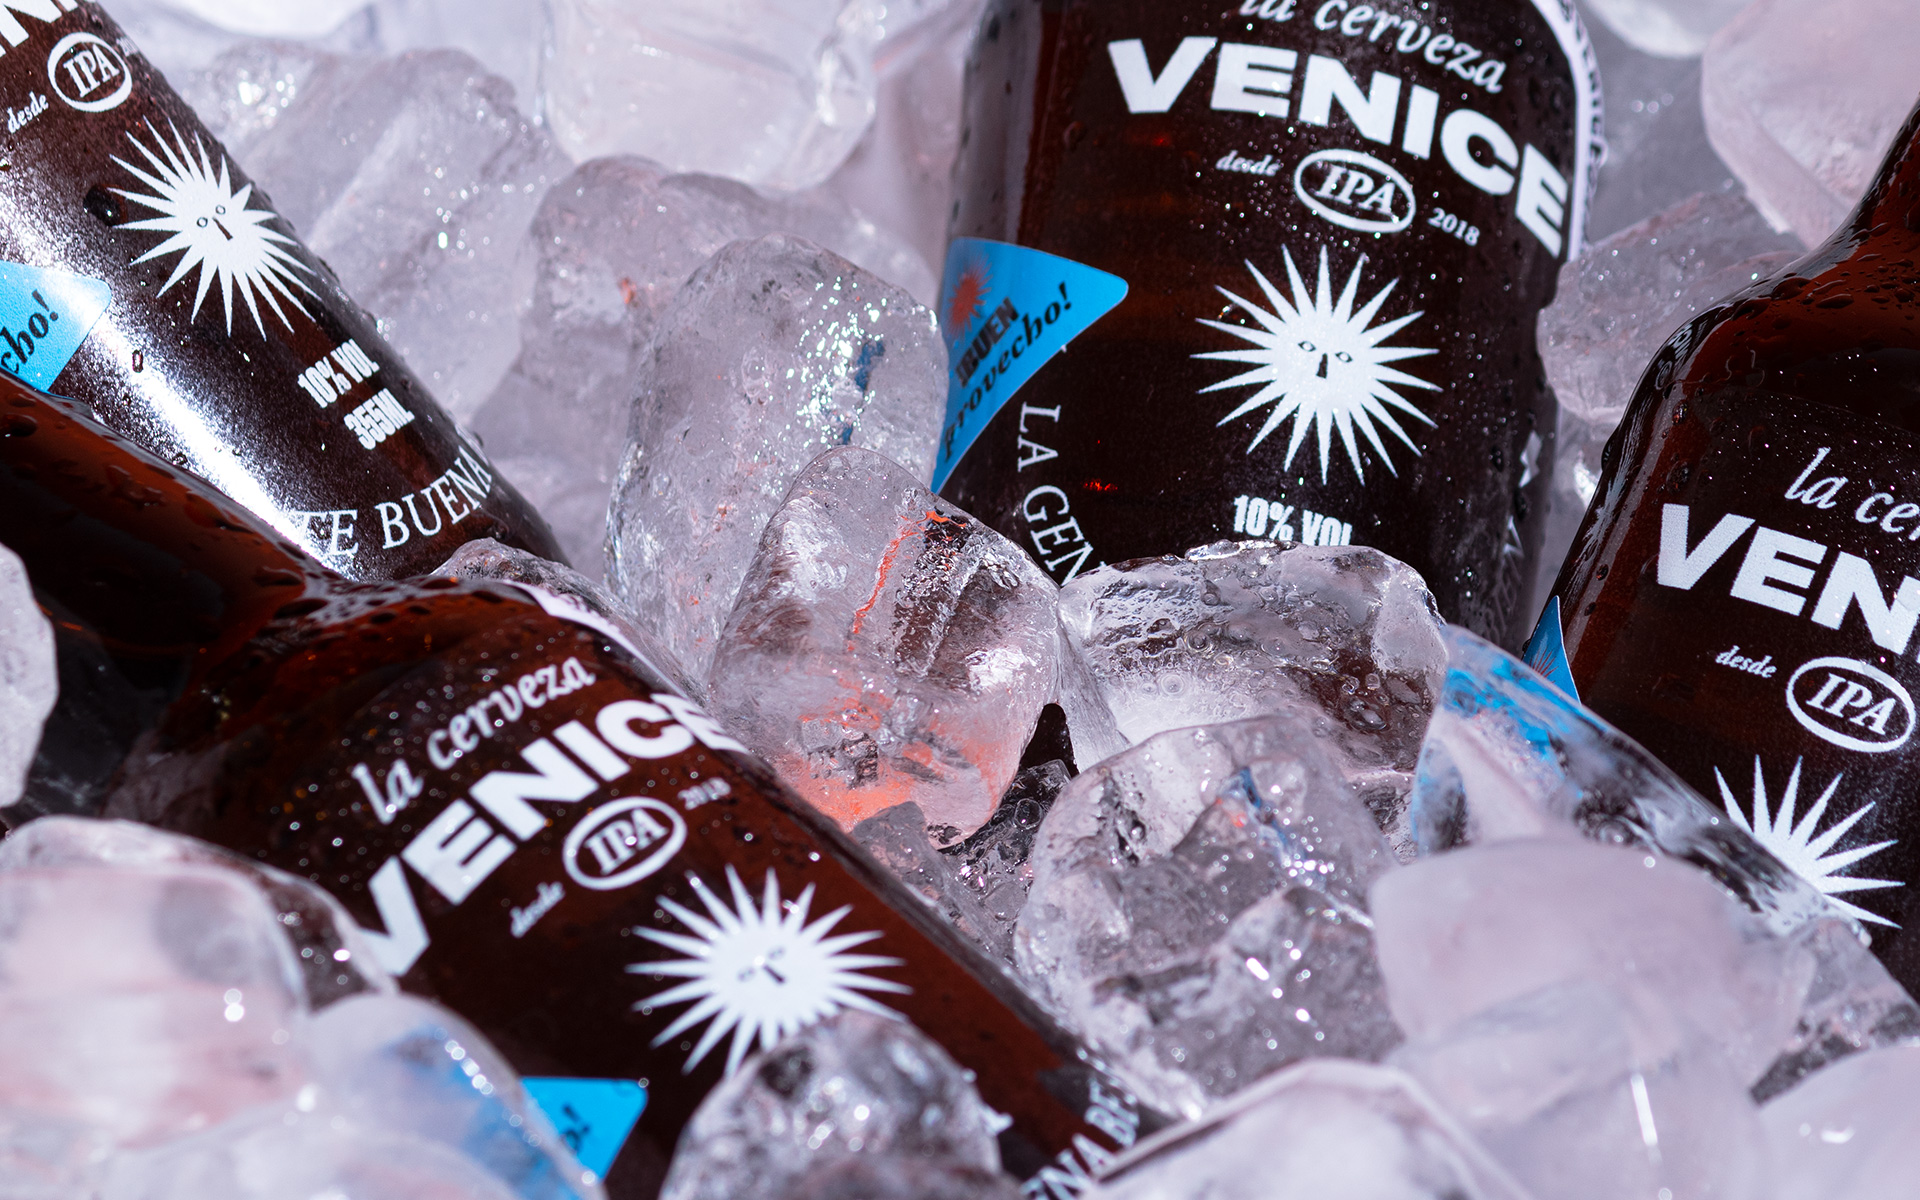 Branding and Packaging Design for Venice By Capim – Estúdio Criativo